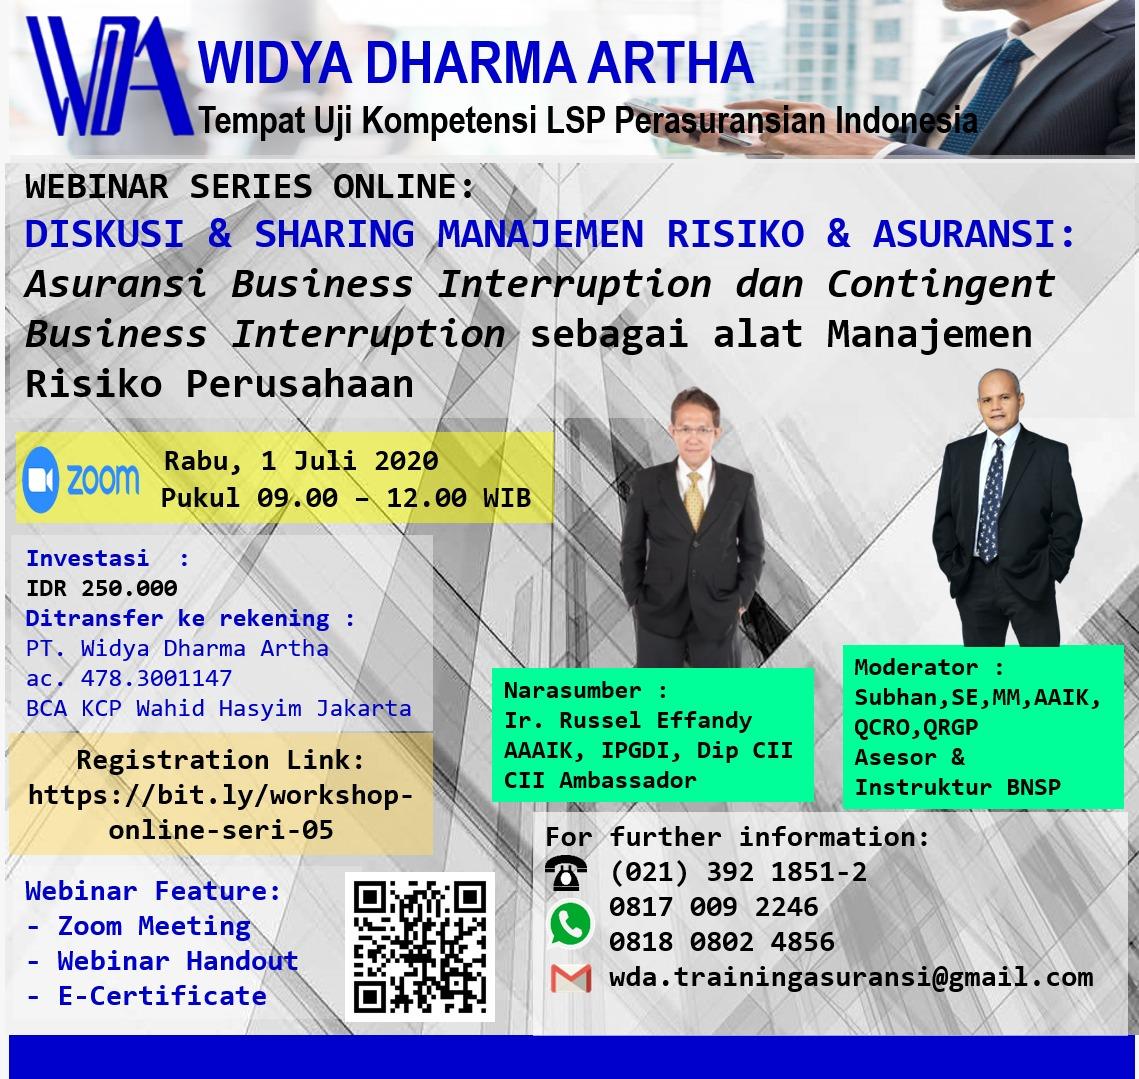 wda-webinar-asuransi-bi-dan-bi-sebagai-alat-manajemen-risiko-perusahaan-rabu-1-juli-2020-0900-1200